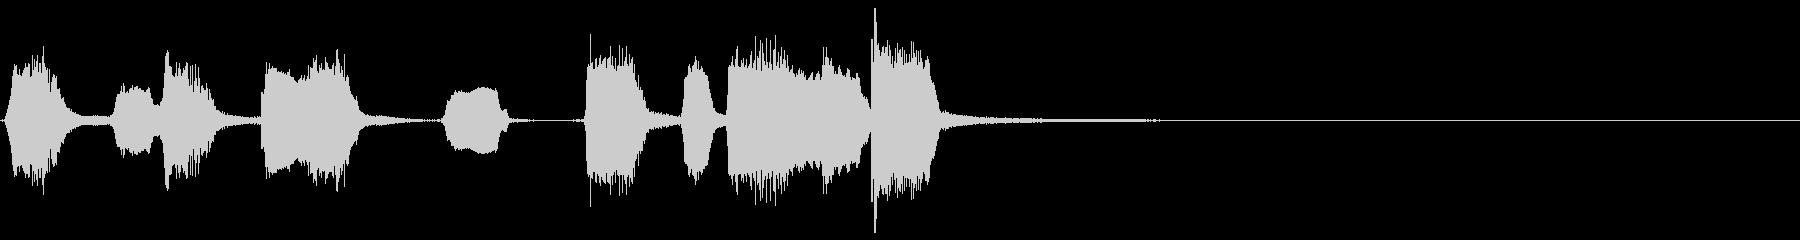 シンプルなリコーダーのアイキャッチ3の未再生の波形